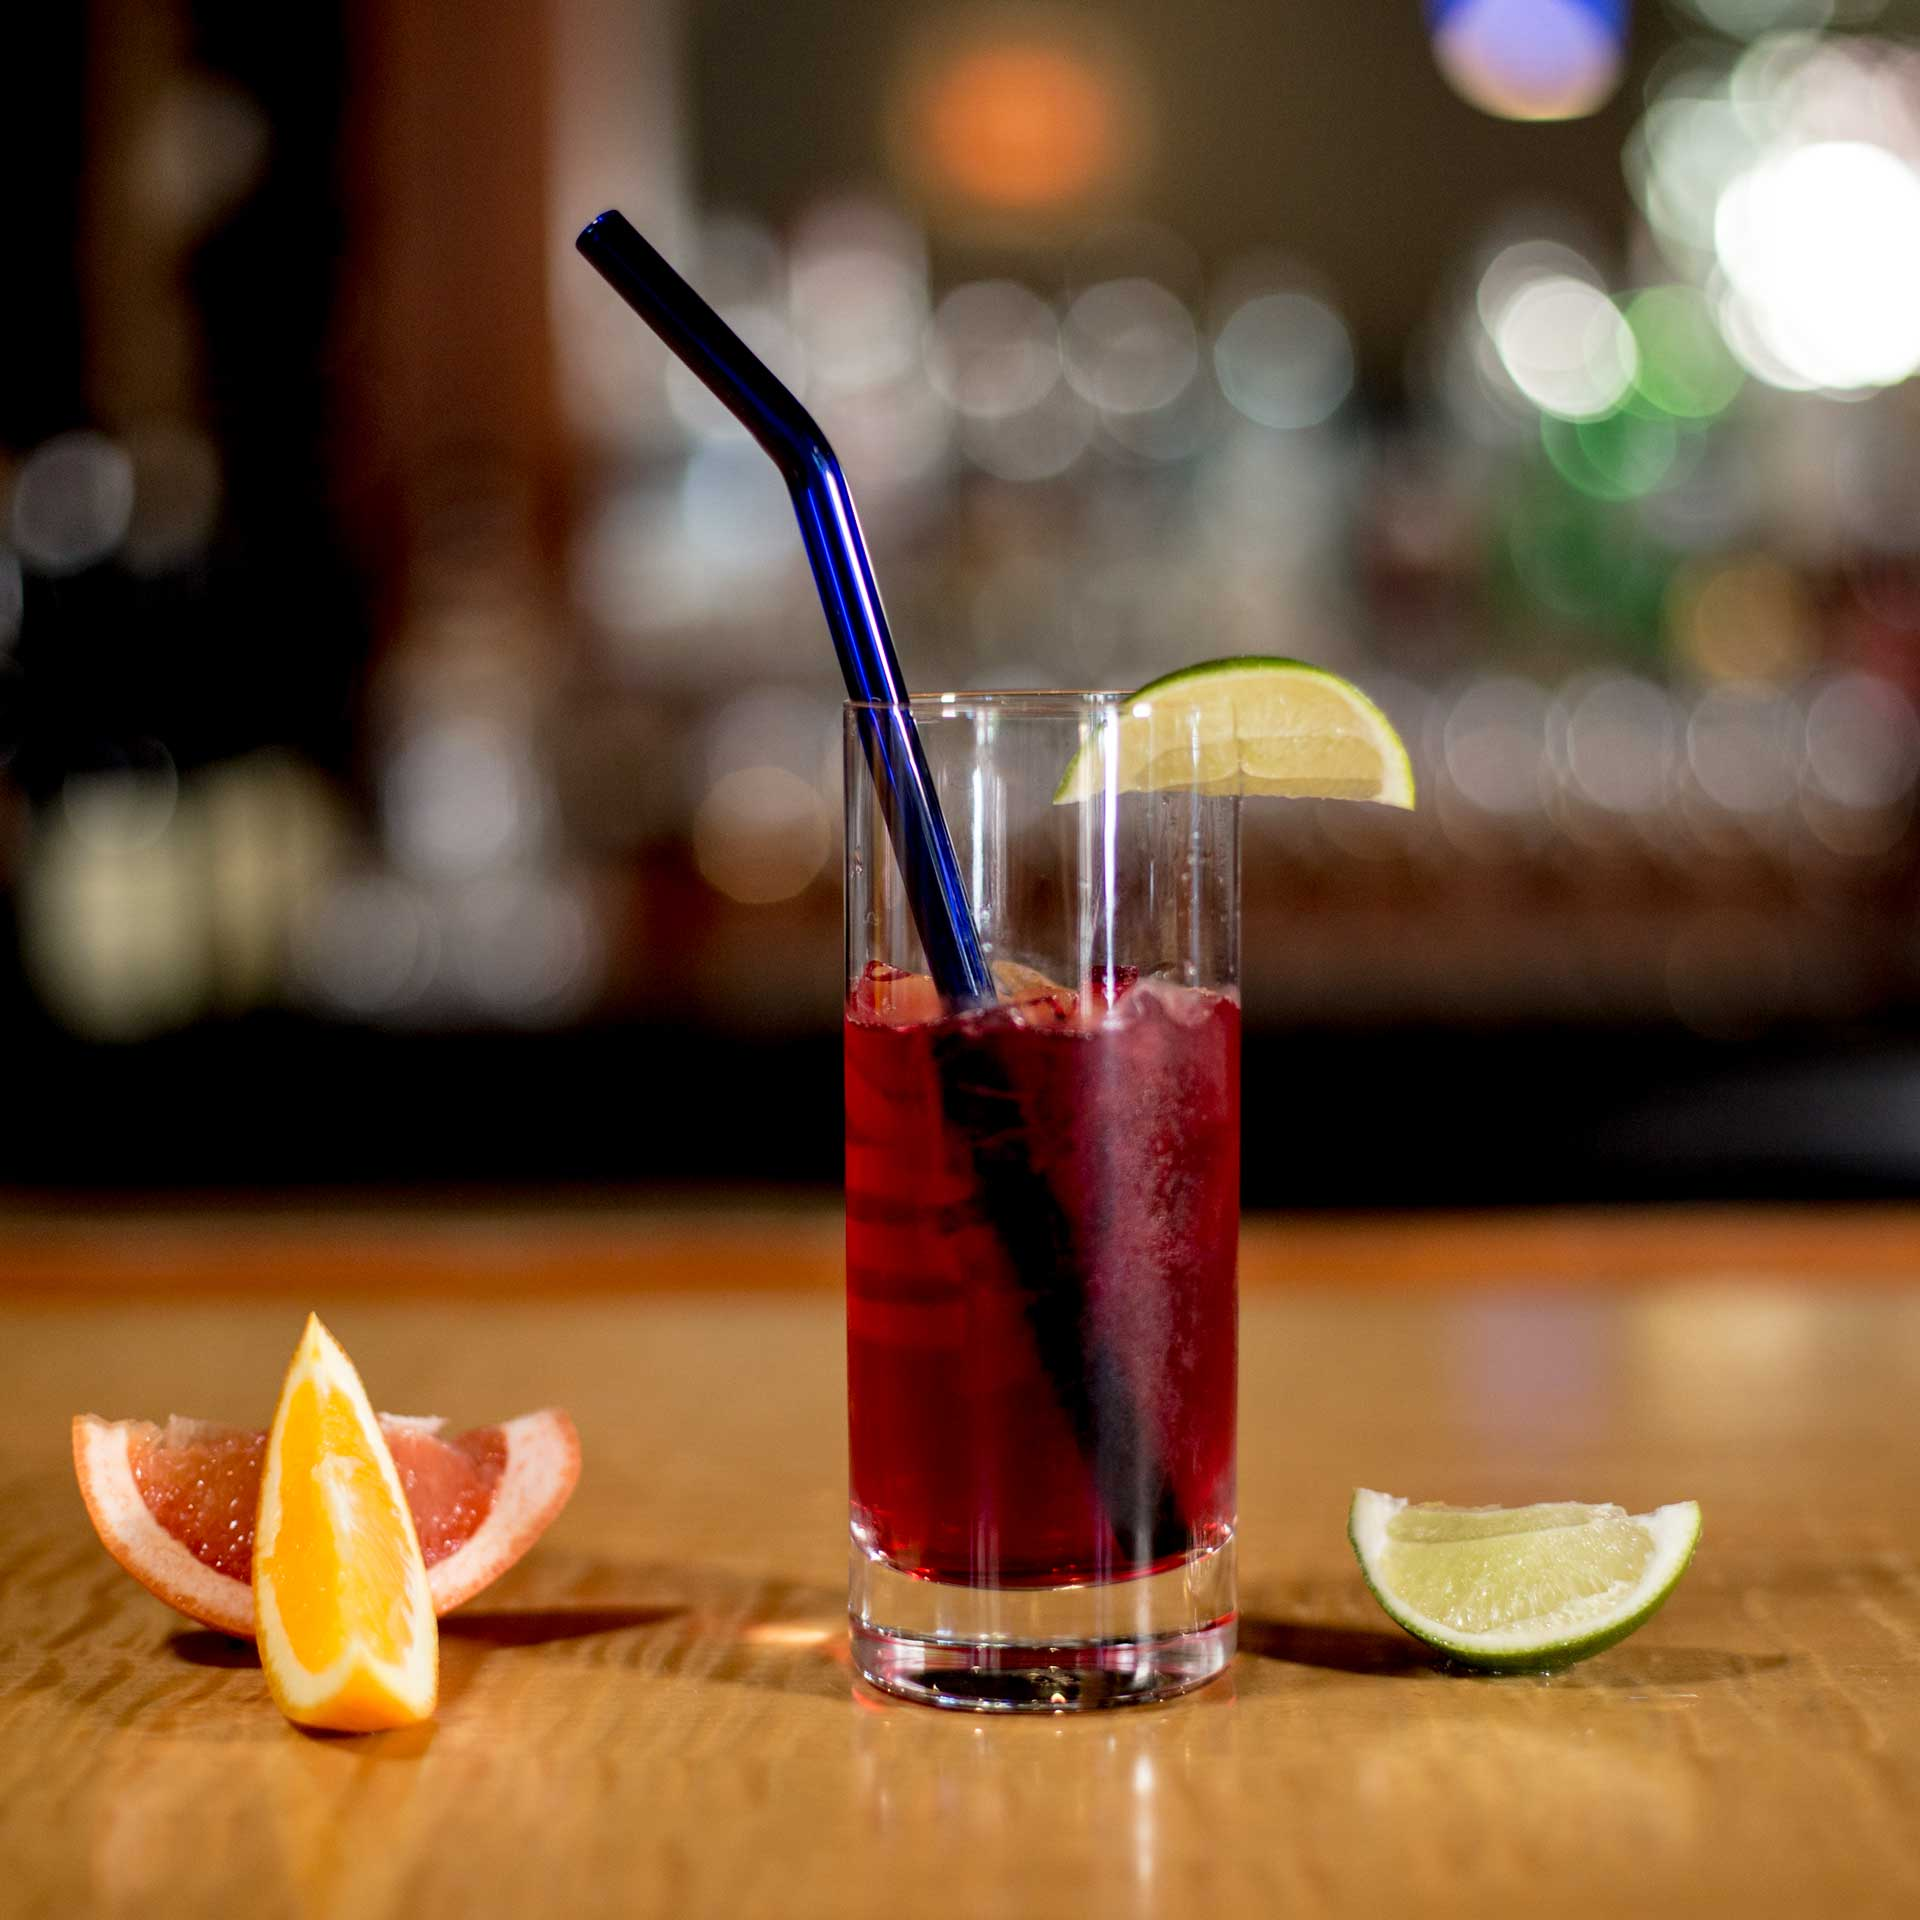 EcoGlassStraw_Bent_blue_lime_TallGlass_orange_Lemon_RedDrink.jpg